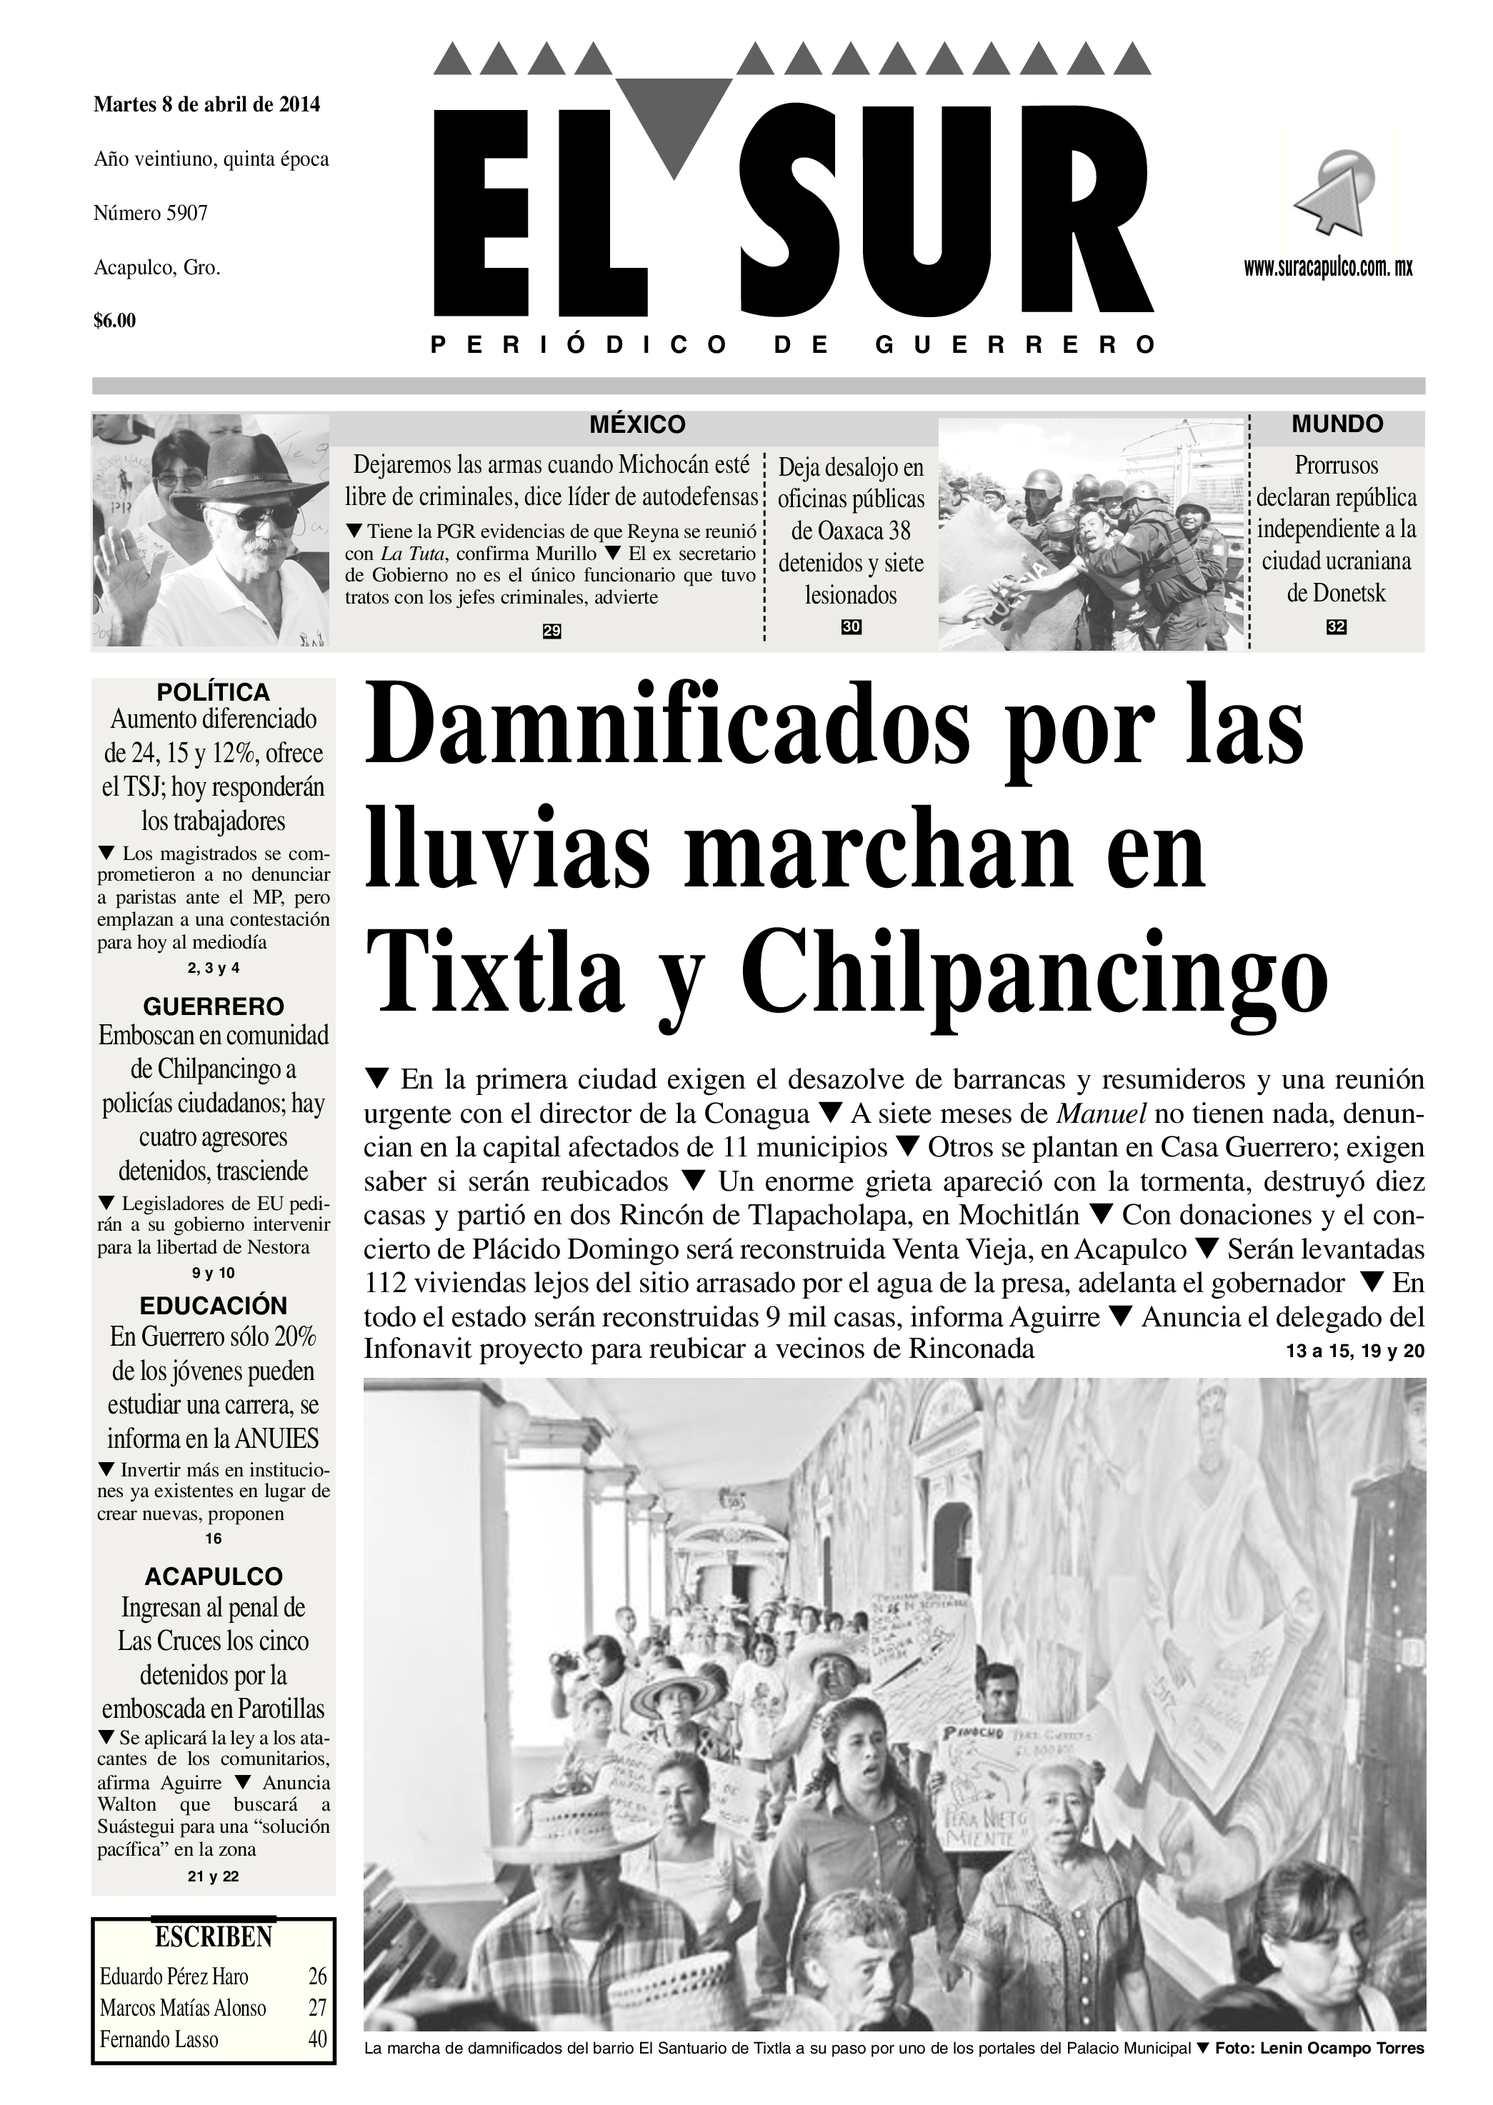 Calaméo - El Sur Martes 08042014.pdf